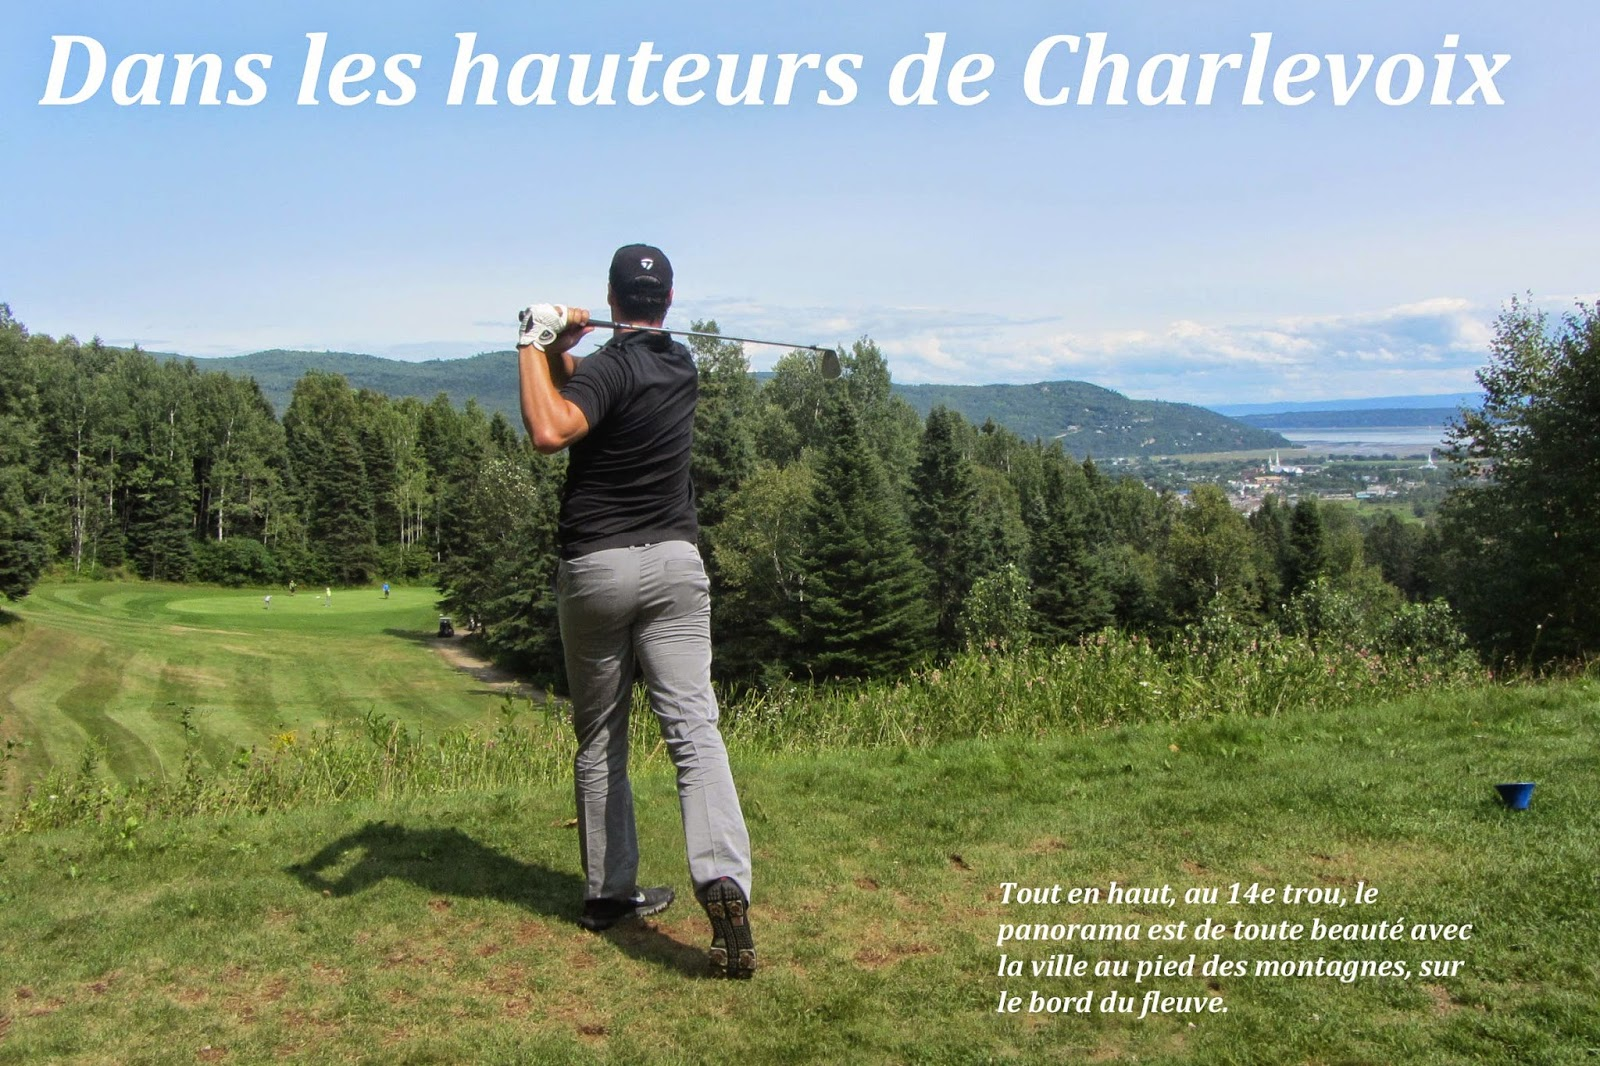 Dans les hauteurs de Charlevoix, Le Loup